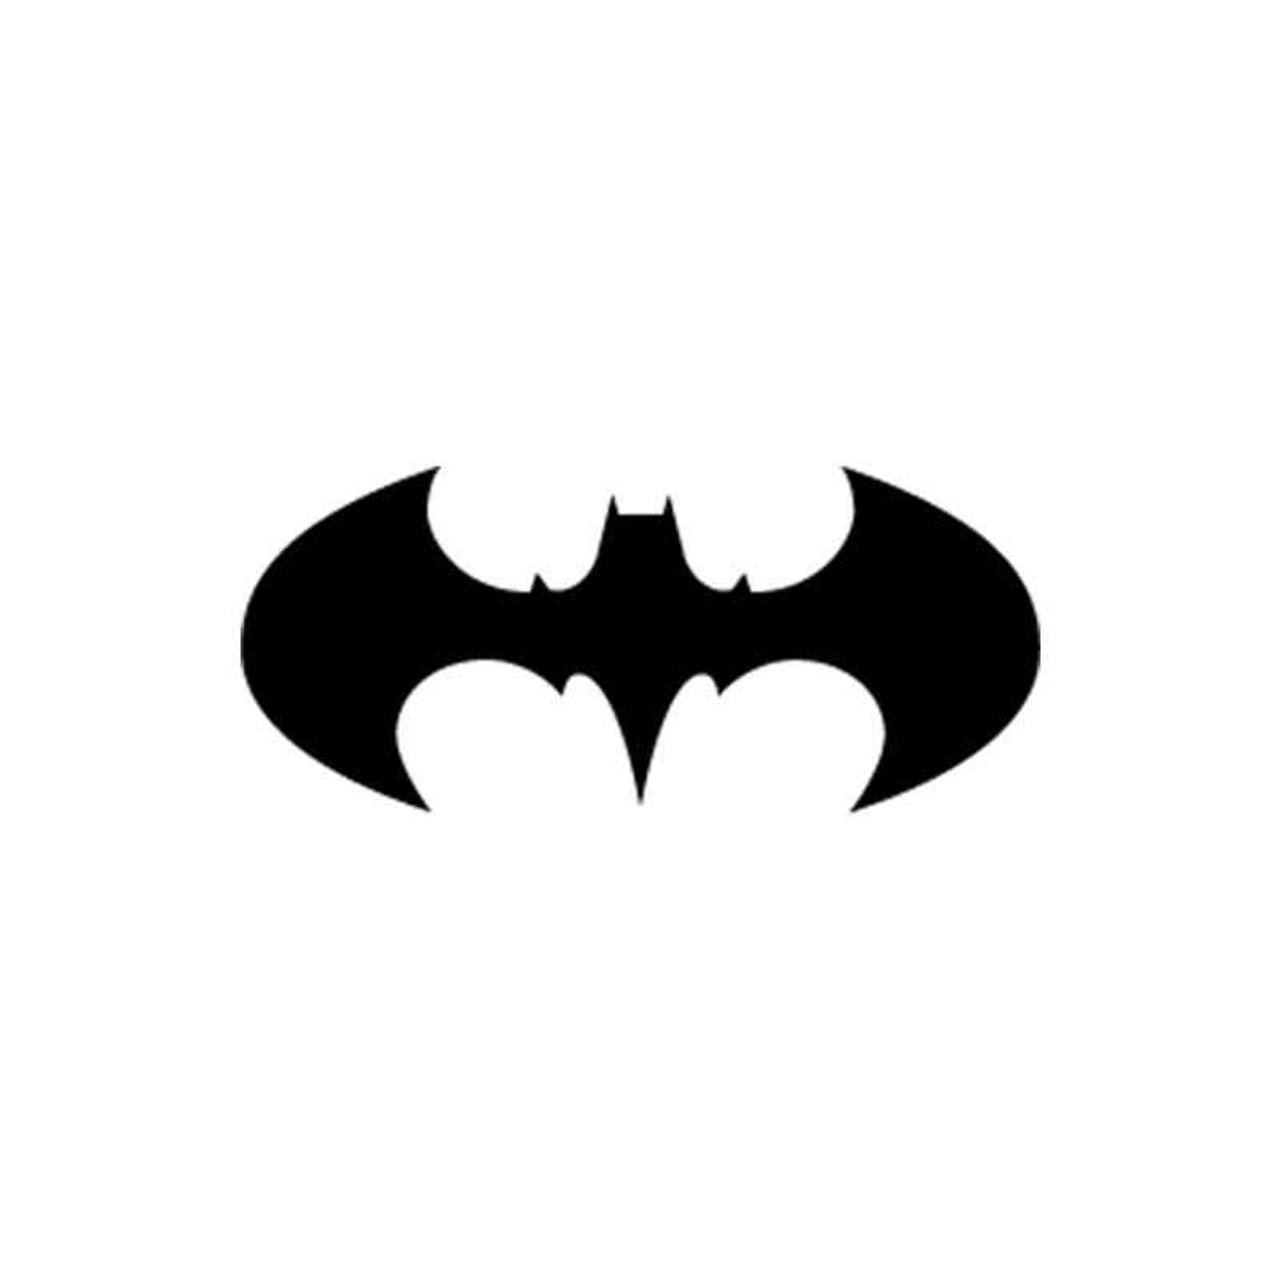 Batman logo batman 10 vinyl sticker